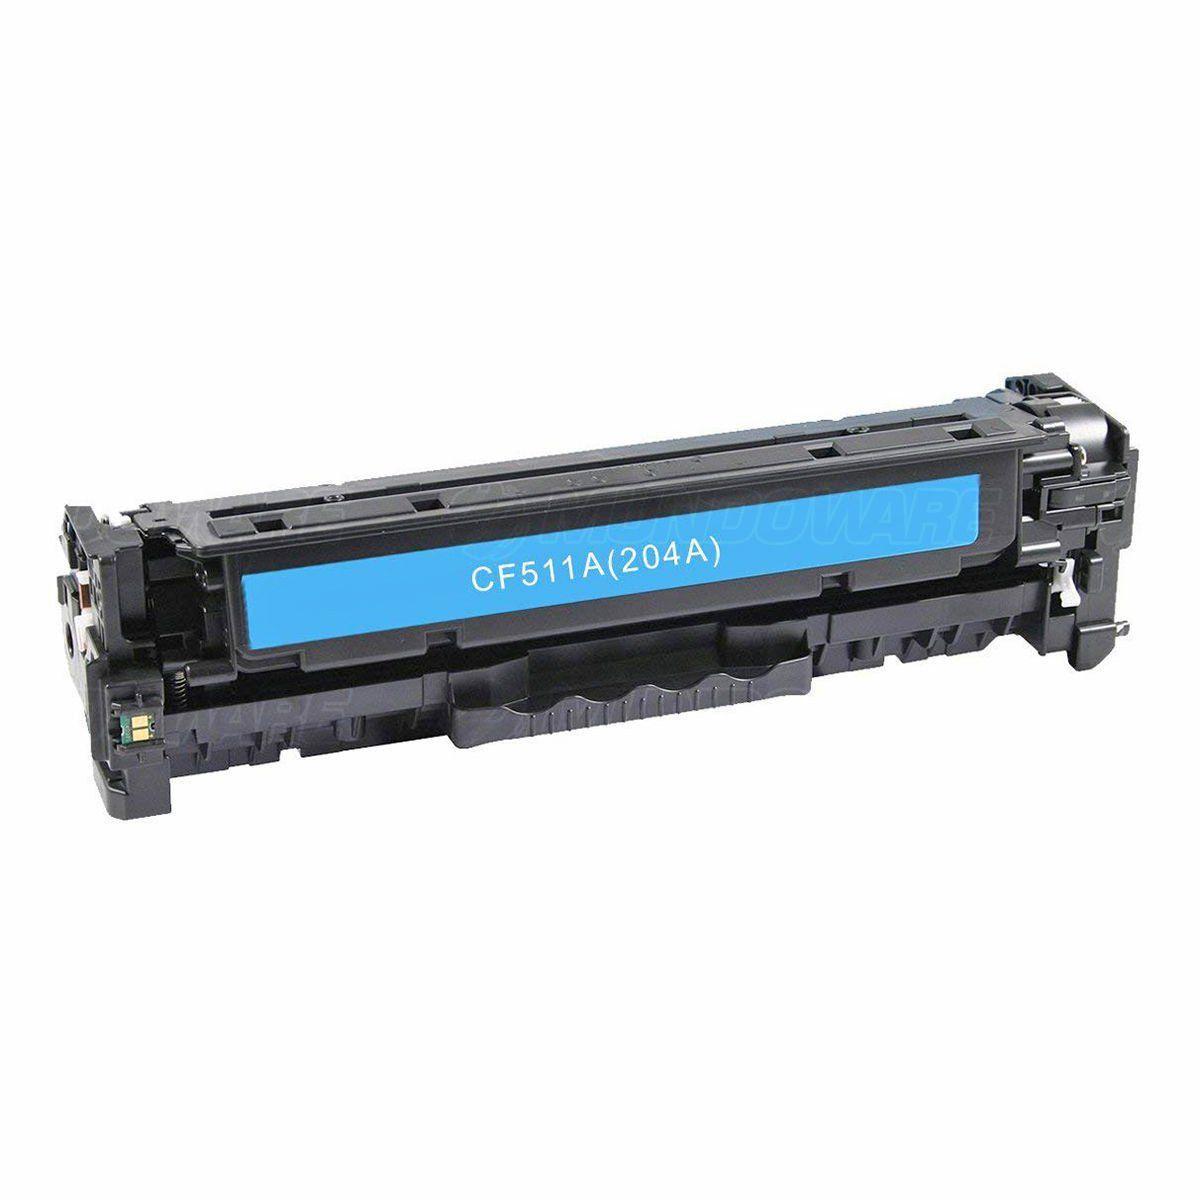 Compatível: Toner CF511A 204A para Impressora HP M180n M180nw M181 M181fw M154a M154nw M-181fw M-180nw / Ciano / 900